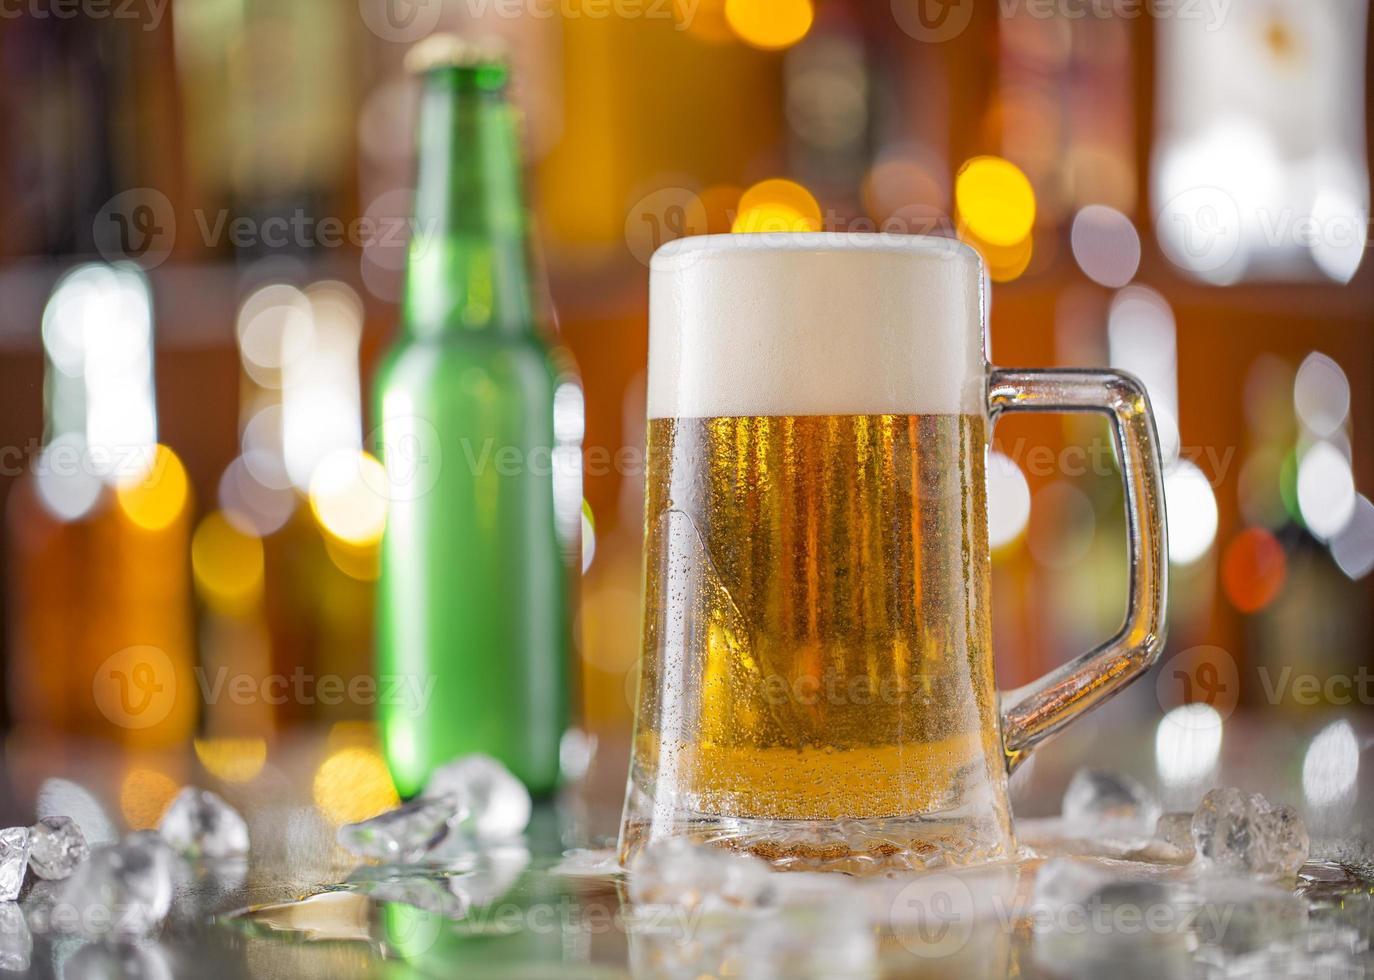 flesje bier met glas op bar bureau foto